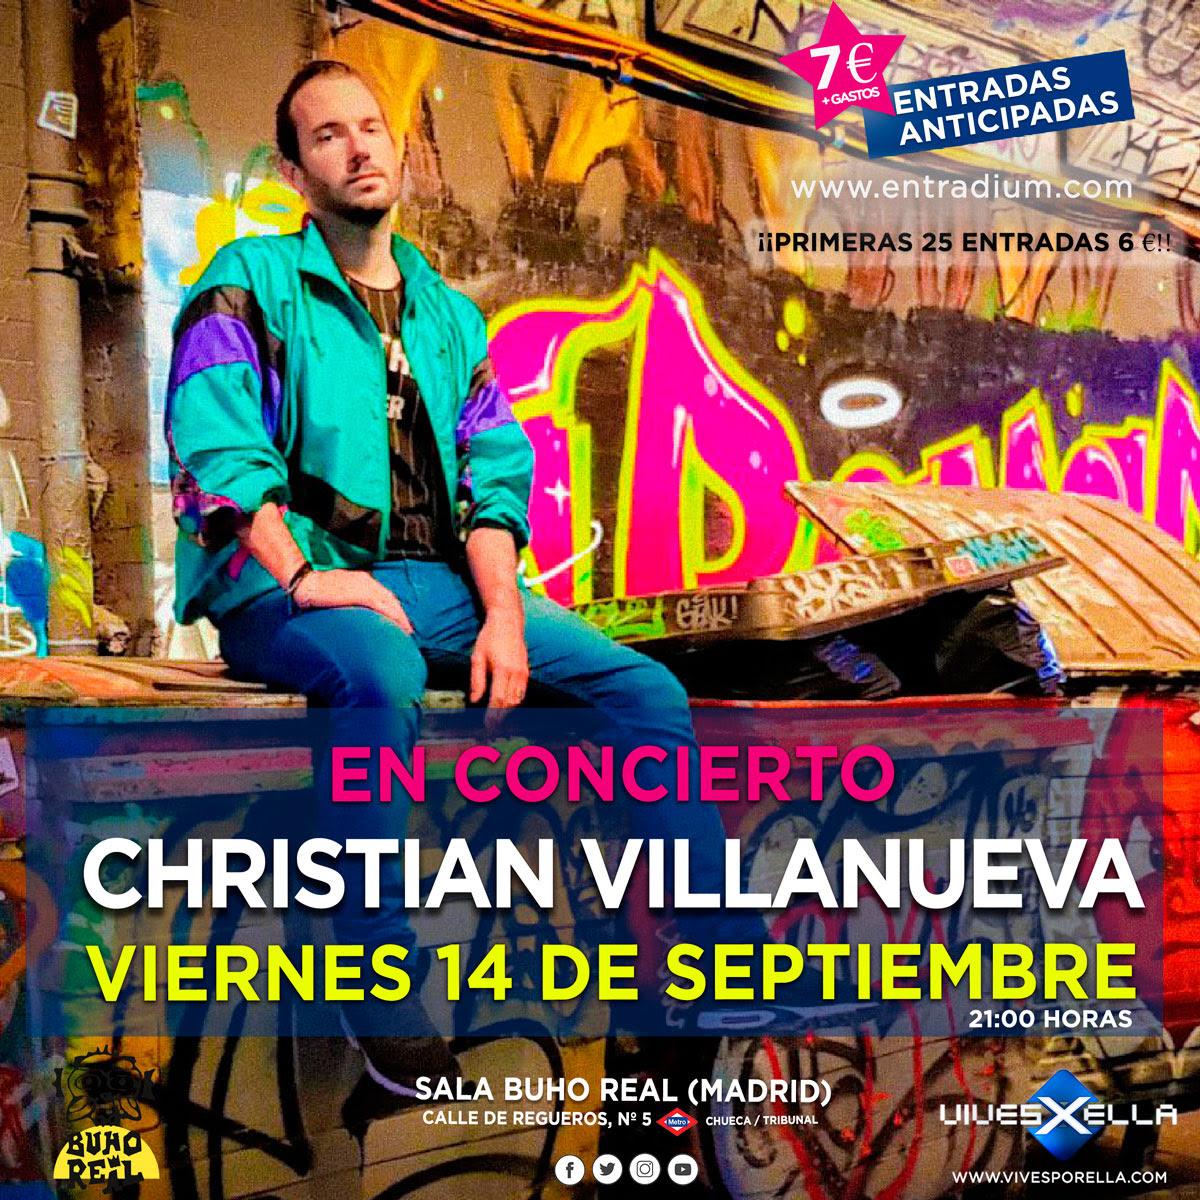 Cristian Villanueva en concierto